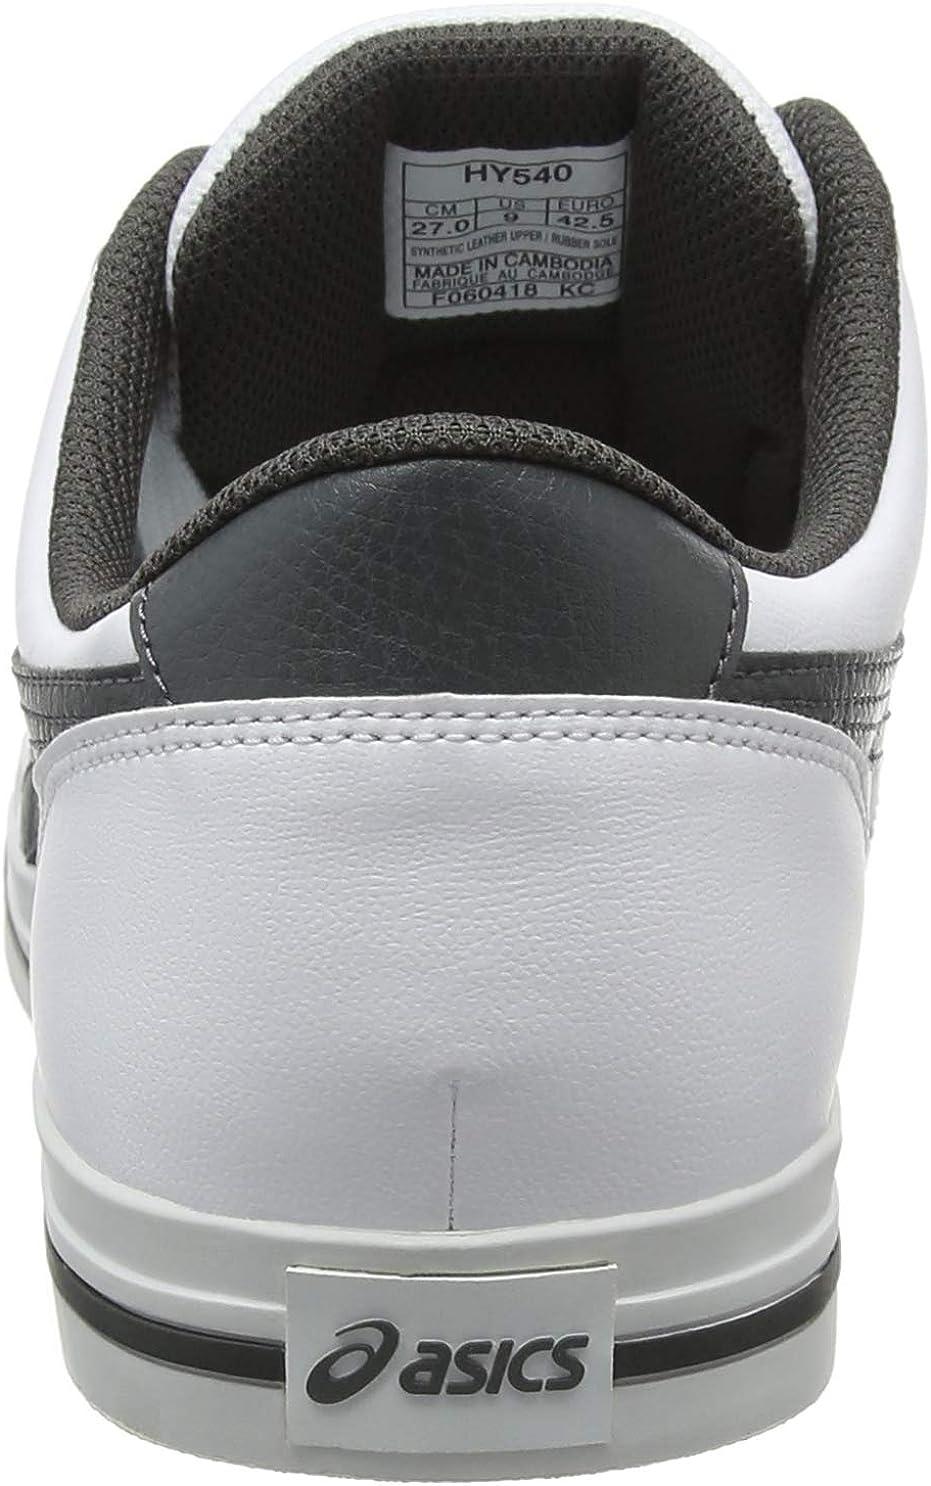 ASICS Men's Aaron Gymnastics Shoes White White Dark Grey 100